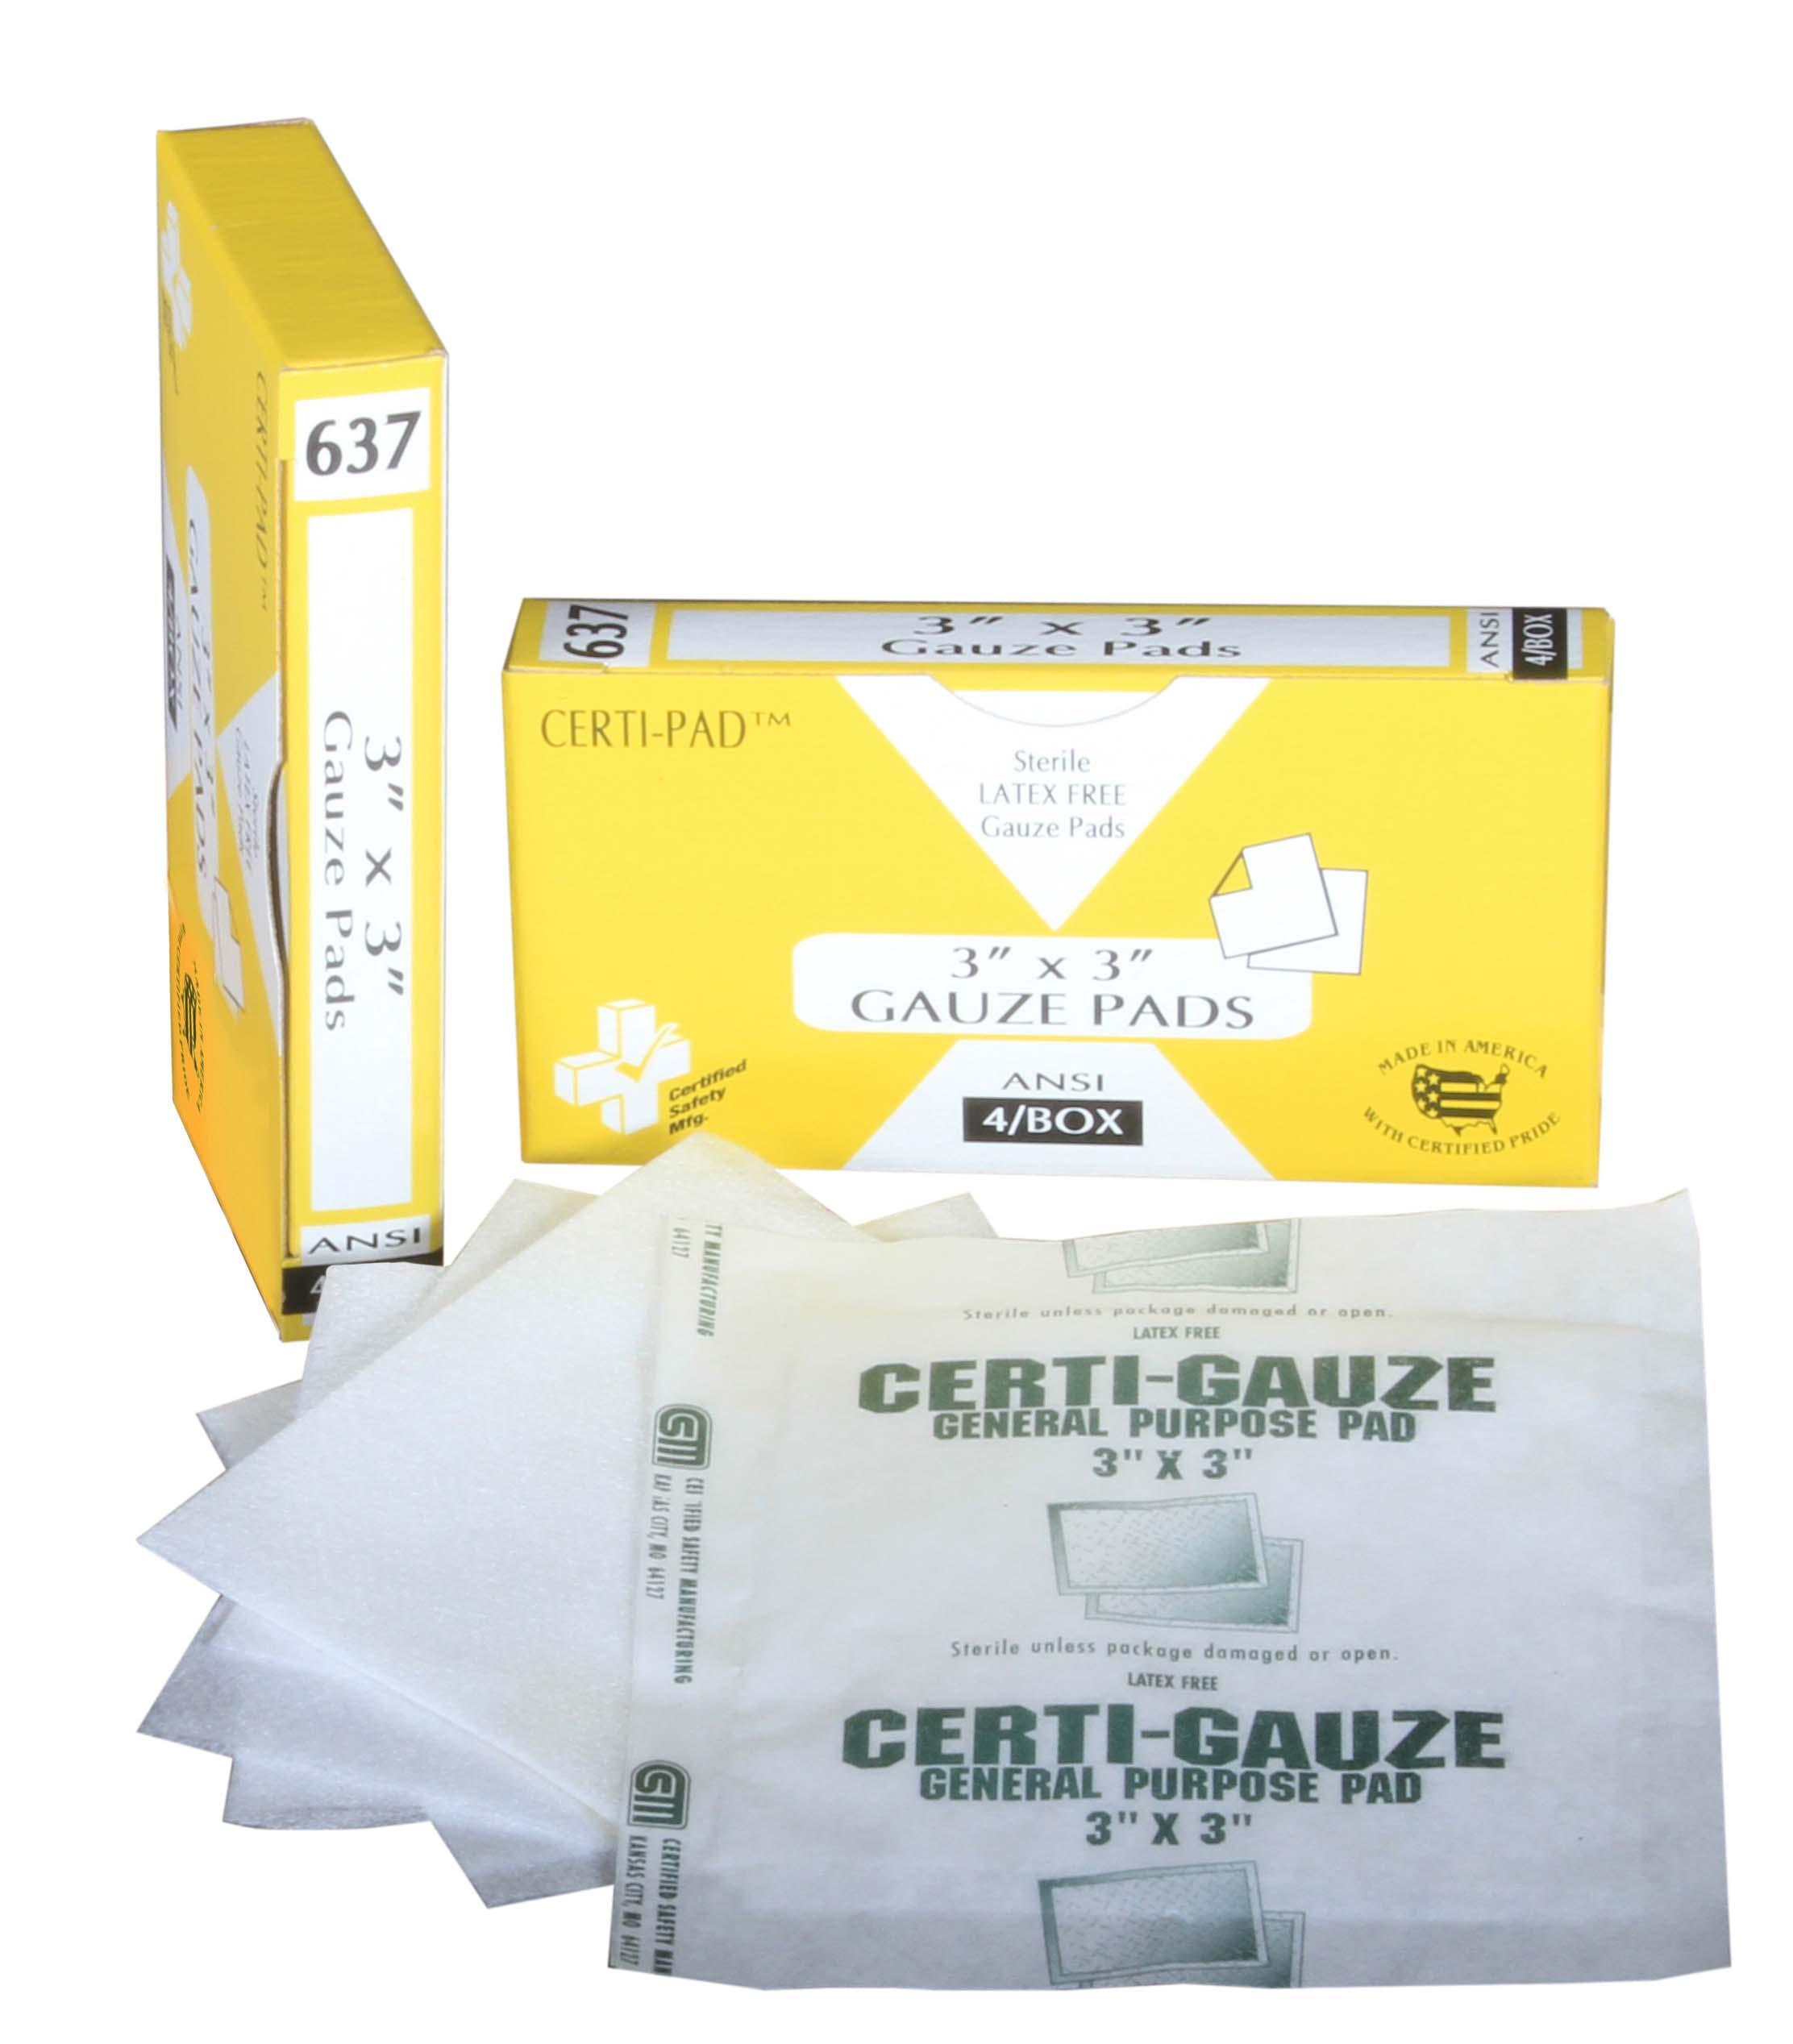 R211-011 --- 637 - Certi-Gauze Pads - 3x3